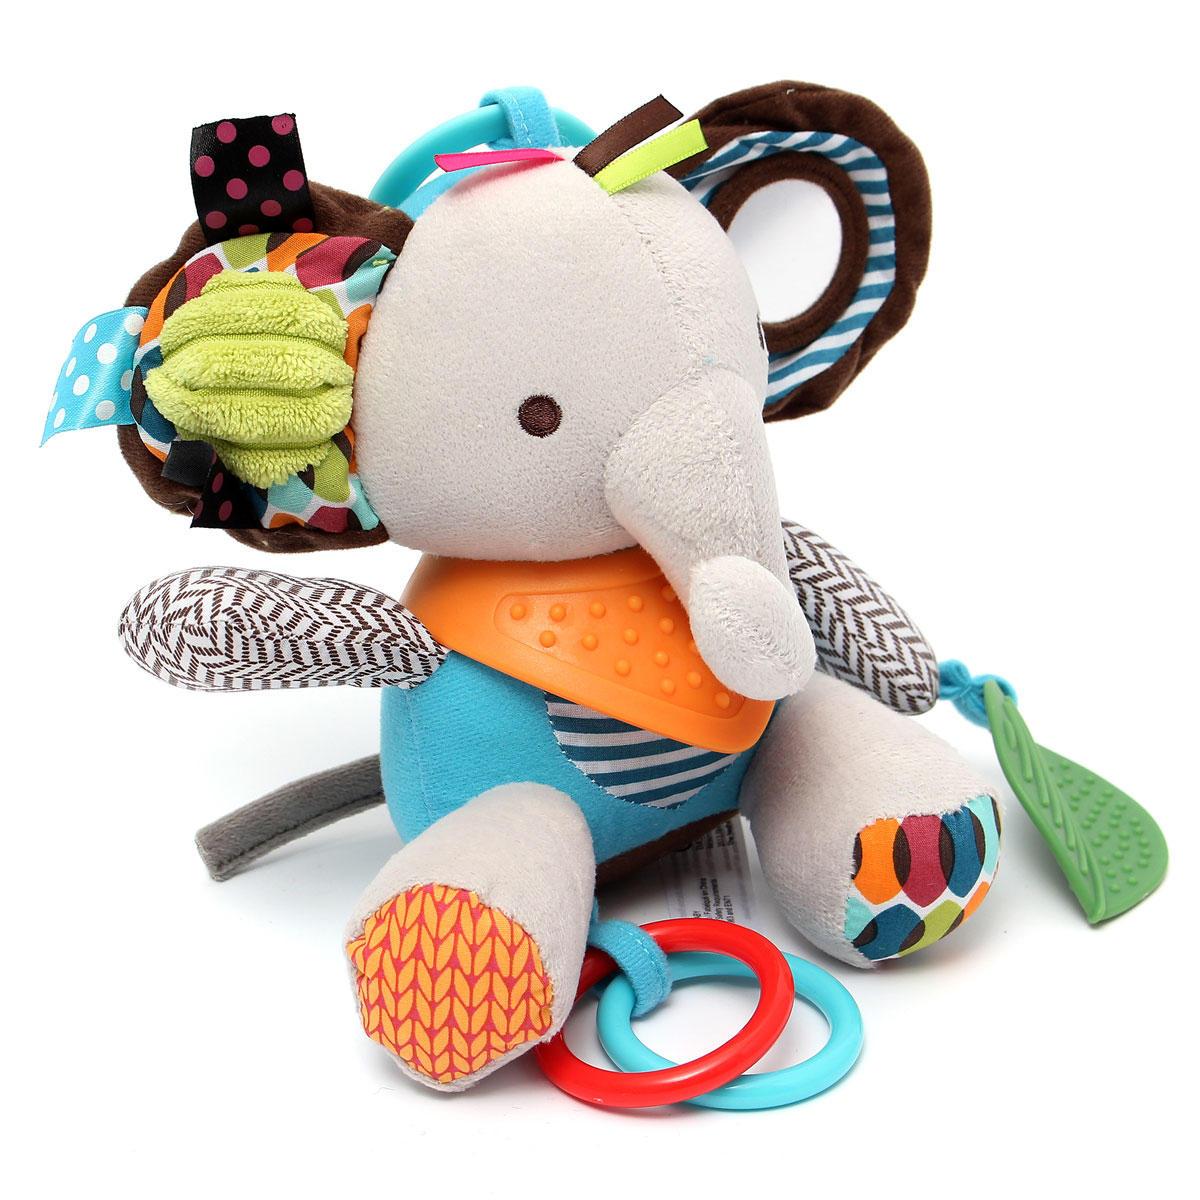 Mordedor bebé infantil preferido apaciguar a los juguetes suaves tranquilas desarrollo muñeca linda